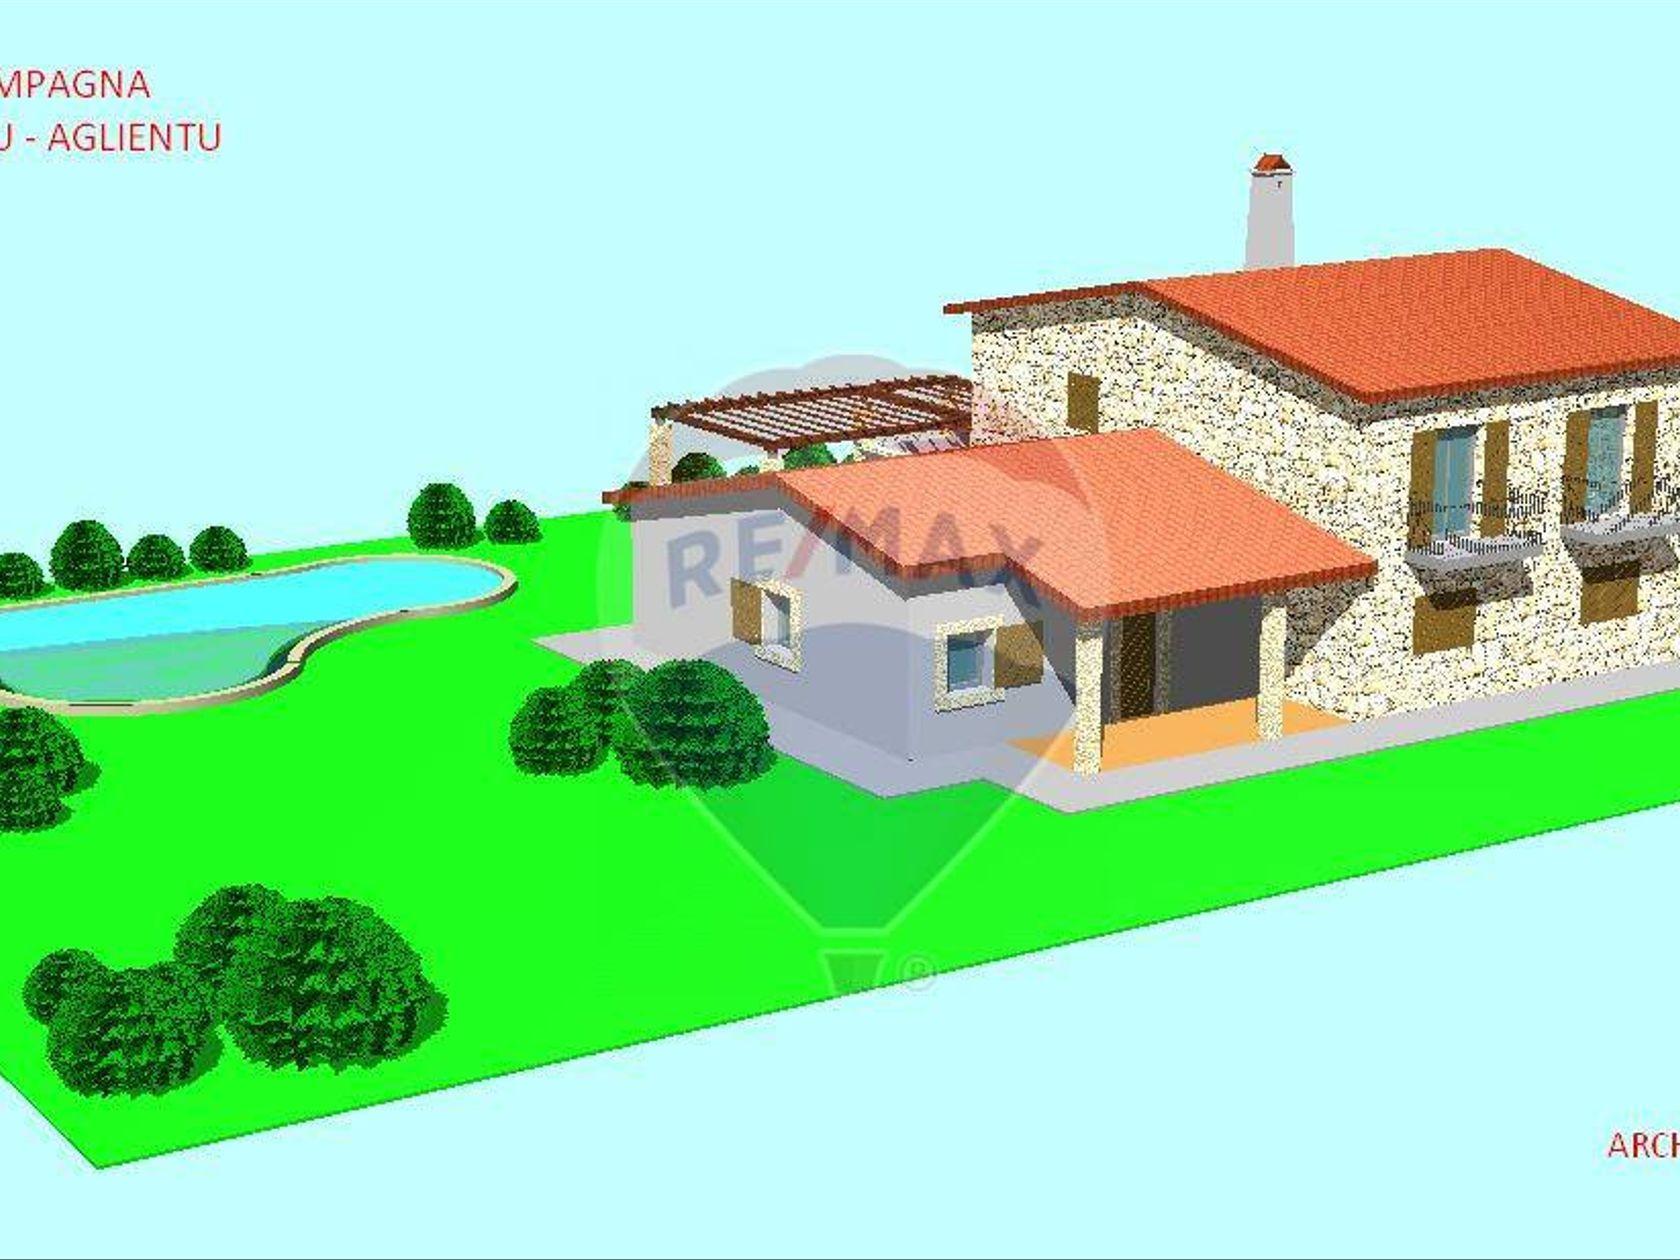 Villa singola Vignola Mare, Aglientu, OT Vendita - Planimetria 5